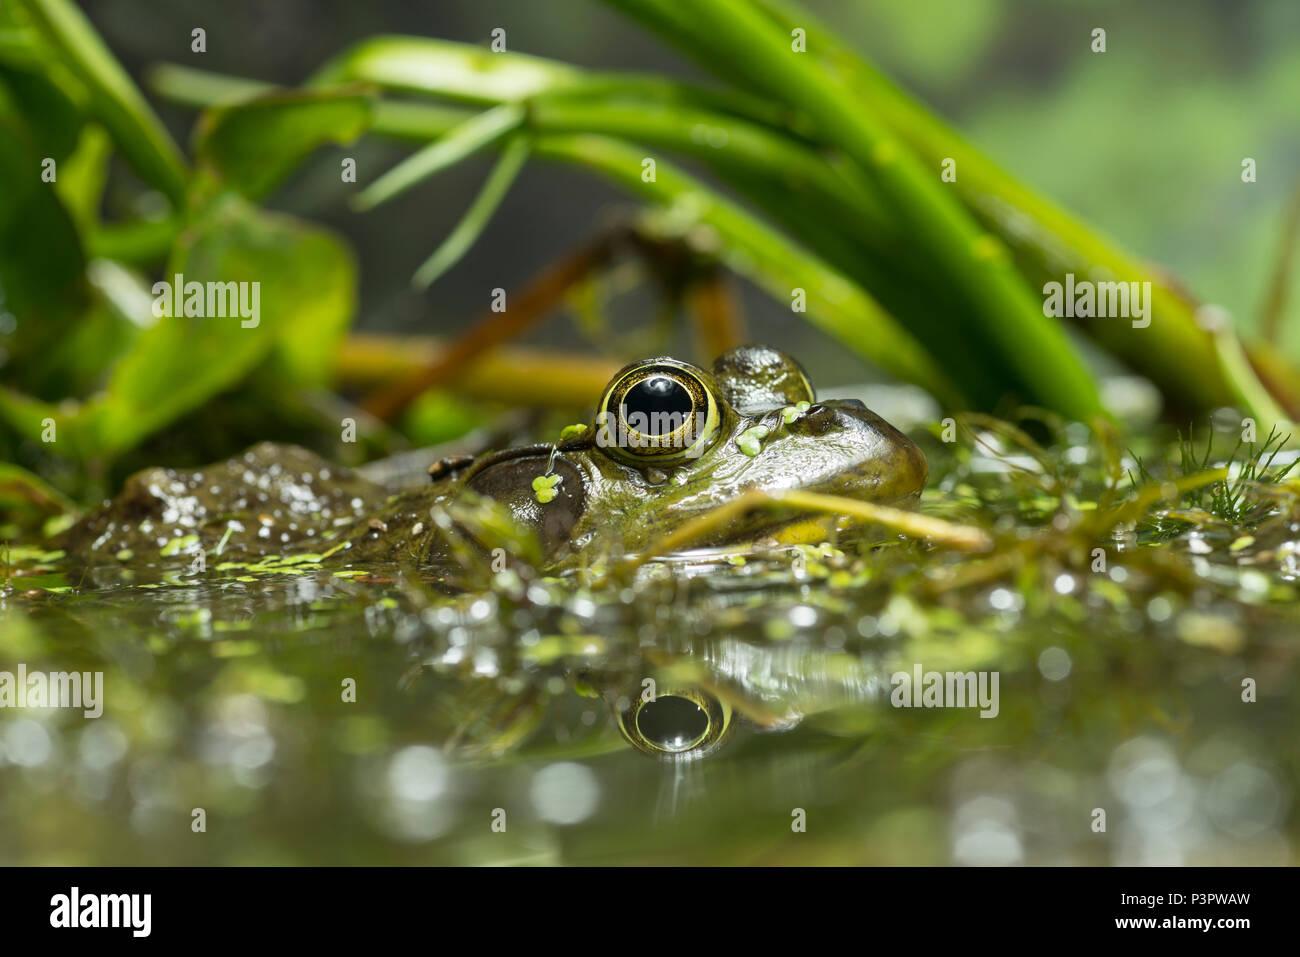 Amerikanische Ochsenfrosch (Rana catesbeiana) männlich in Feuchtgebieten, Nordamerika Stockfoto